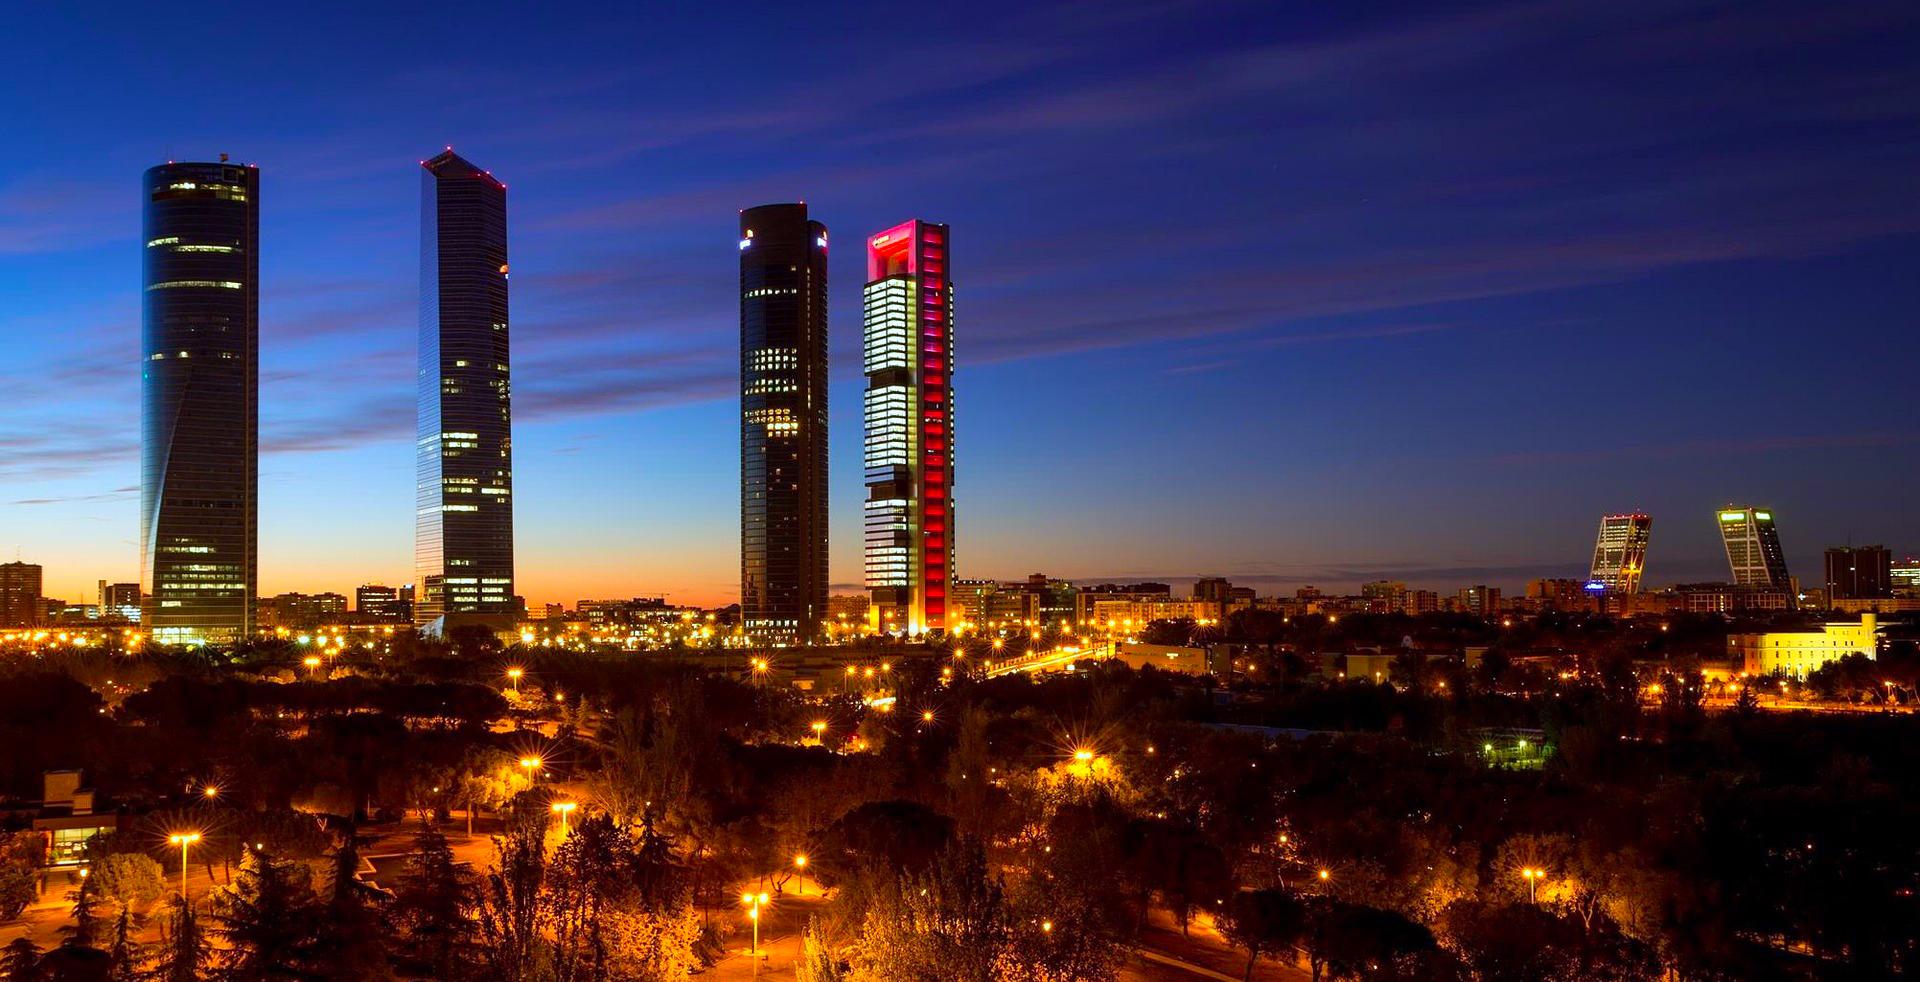 Qué hacer y ver en Madrid en un fin de semana madrid en un fin de semana - 34822840161 e791186c04 o - Qué hacer y ver en Madrid en un fin de semana